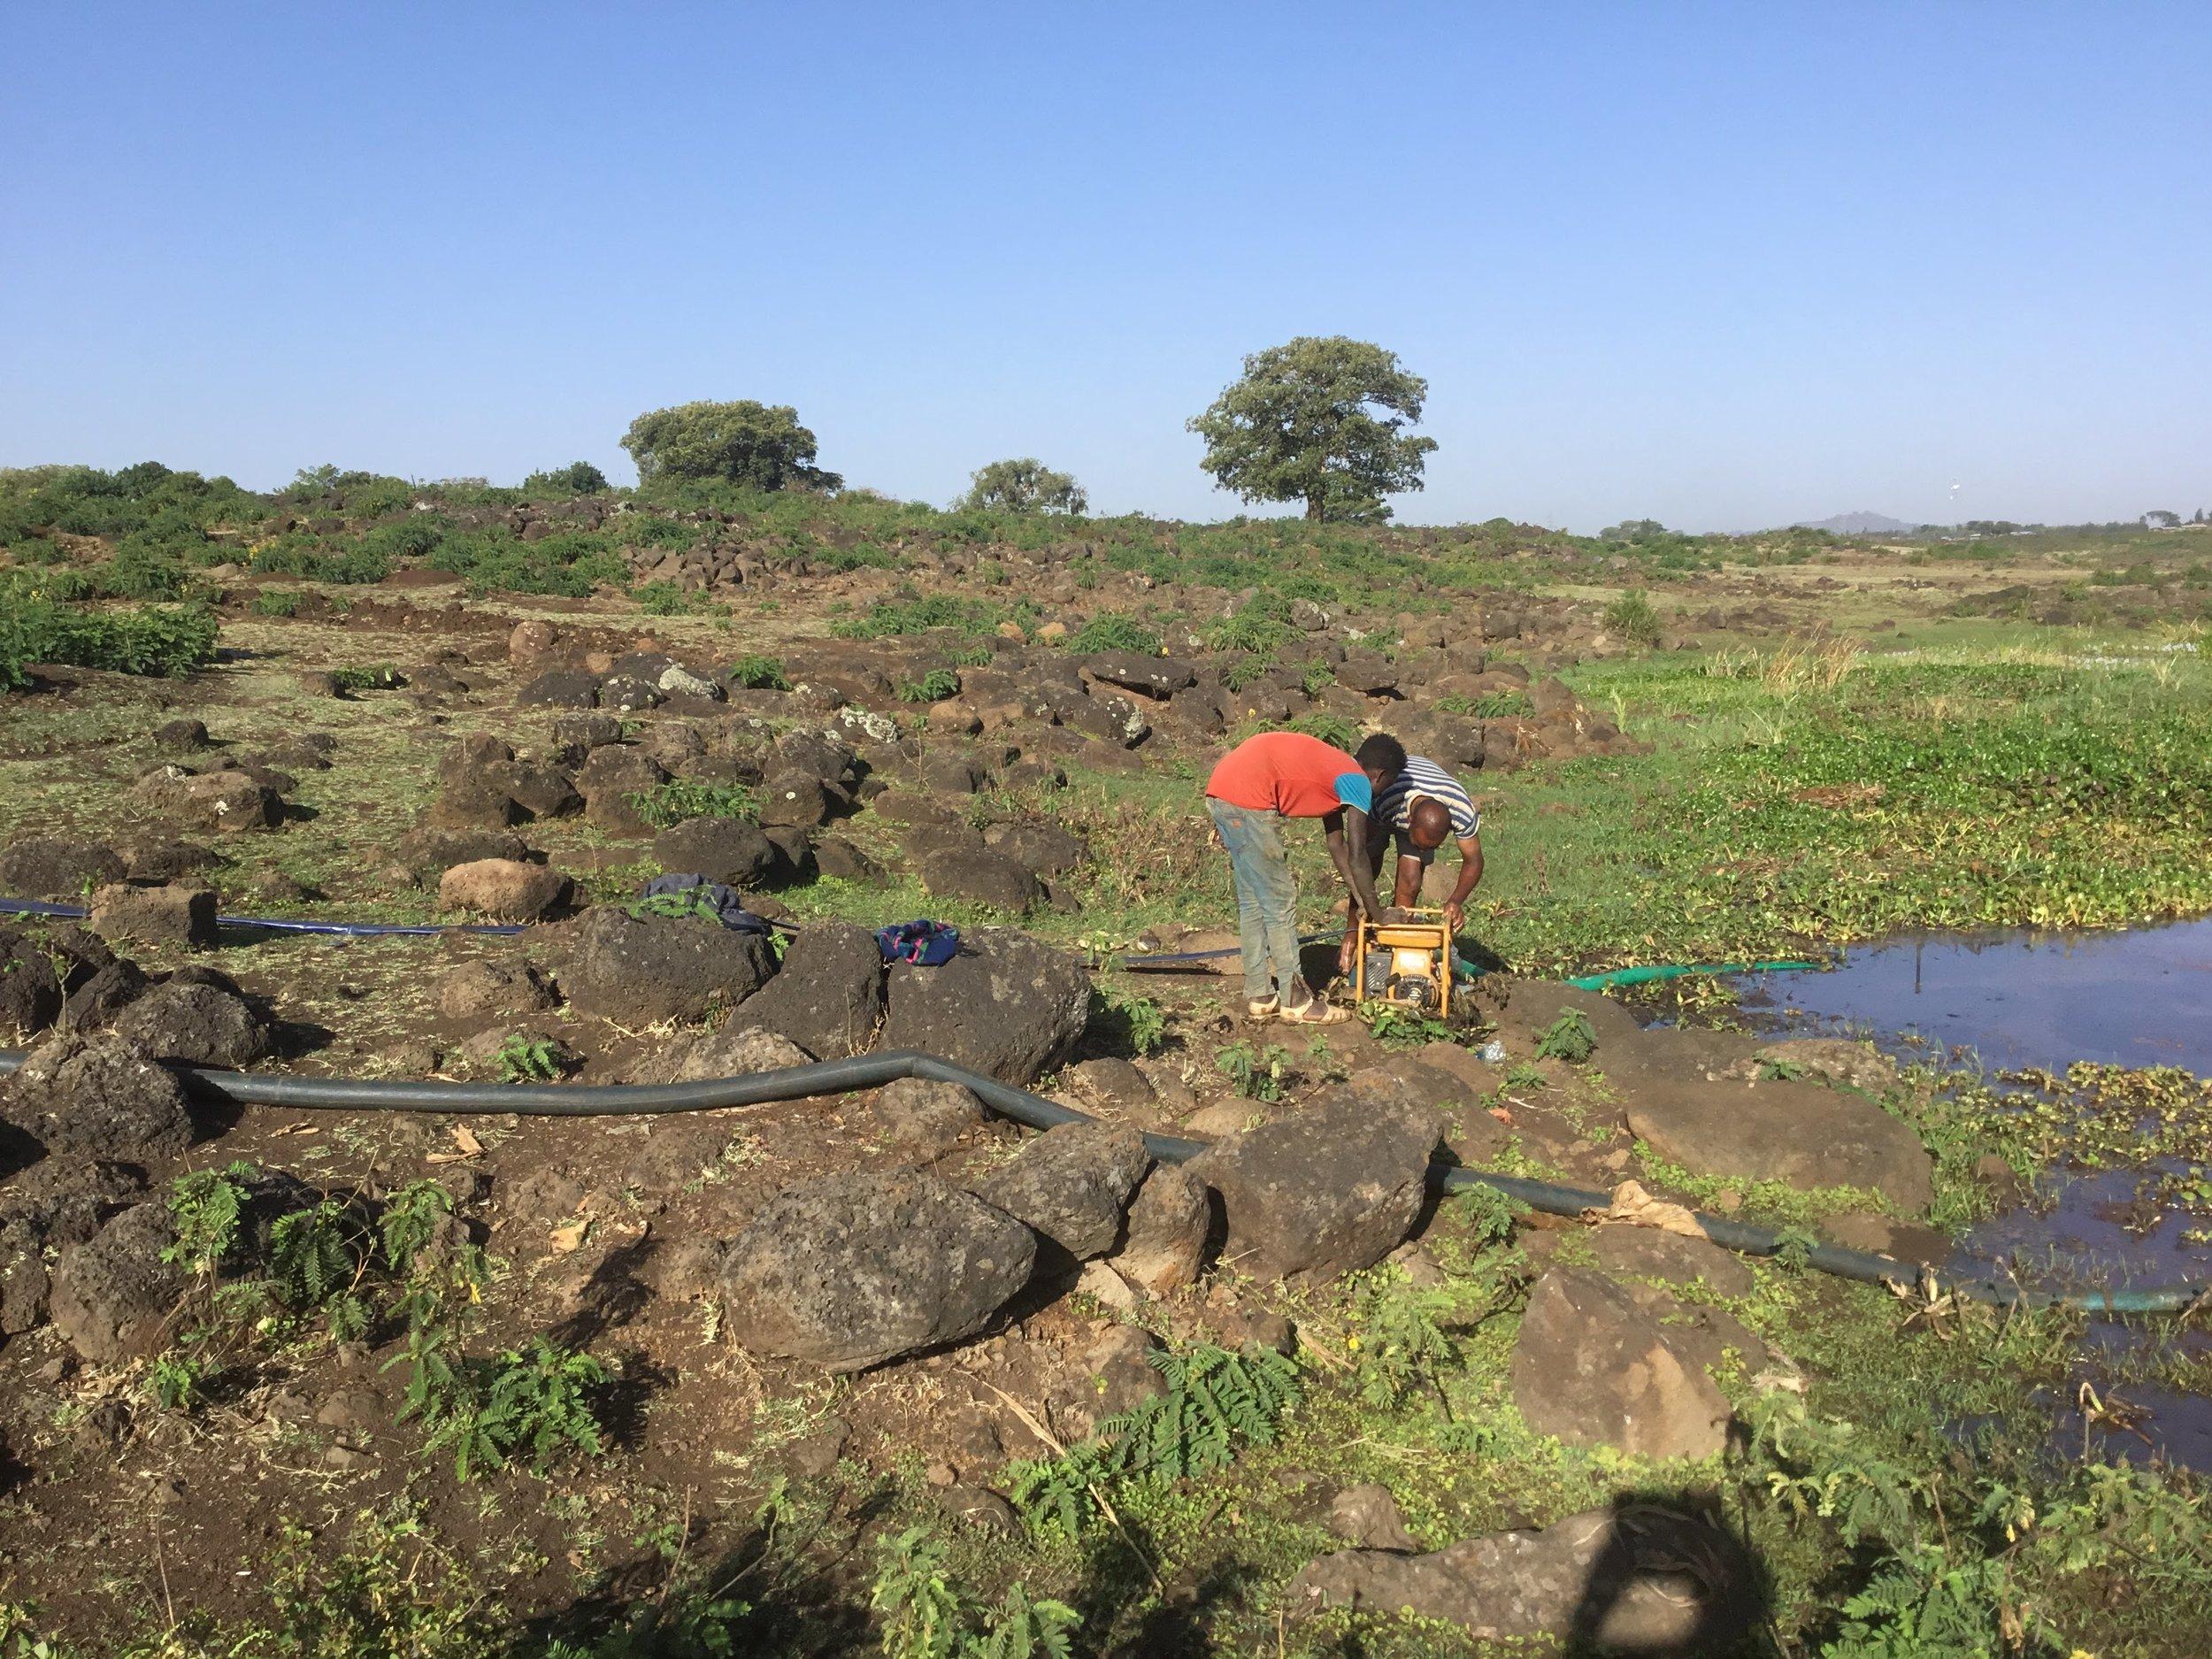 Water Source at Sebatamit